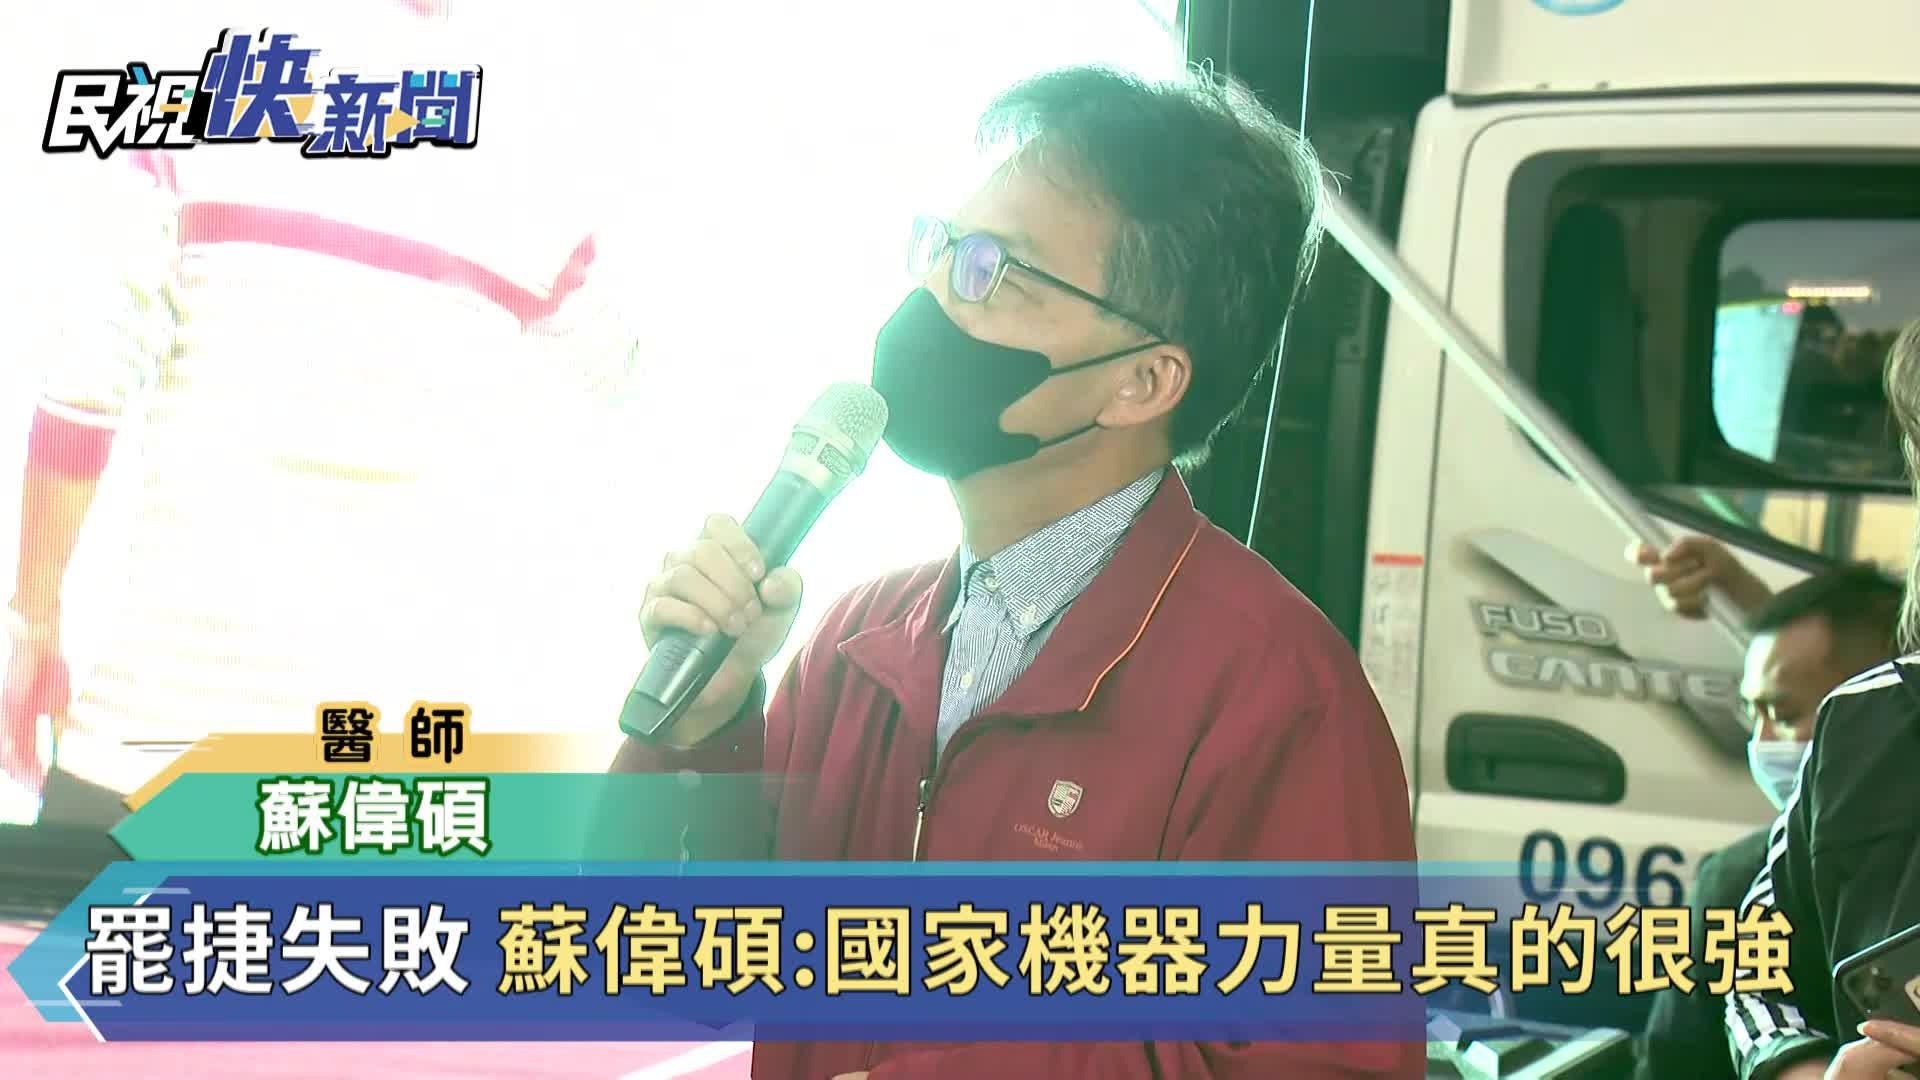 快新聞/罷捷團體稱國家機器力量大 領銜人哽咽:健康不分藍綠